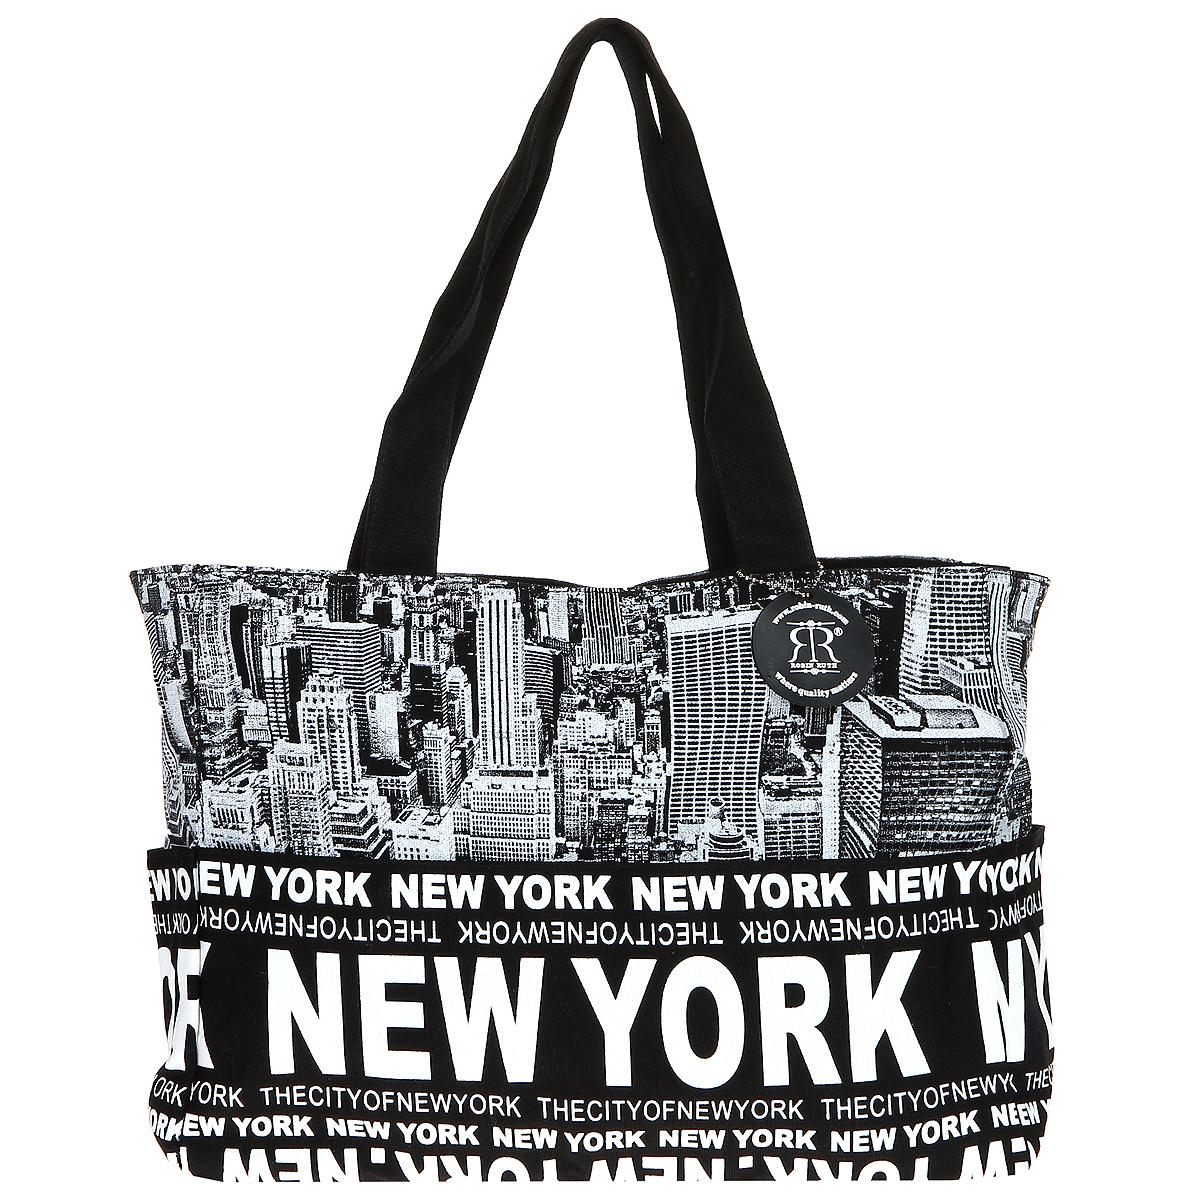 Сумка женская Robin Ruth New York, цвет: черный, белый. BNY014-YBNY014-YСтильная женская сумка выполнена из канвы черного, белого цветов и оформлена принтом в виде надписей New York. Сумка состоит из одного основного отделения, которое закрывается на молнию. Внутри вшитый карман на молнии и накладной кармашек для мобильного телефона. Такая сумка идеально дополнит ваш образ. Характеристики: Цвет: черный, белый. Материал: канва, металл. Размер сумки (без учета ручки): 47 см х 29 см х 13 см. Высота ручек: 26 см. Изготовитель: Китай. Артикул: BNY014-Y.